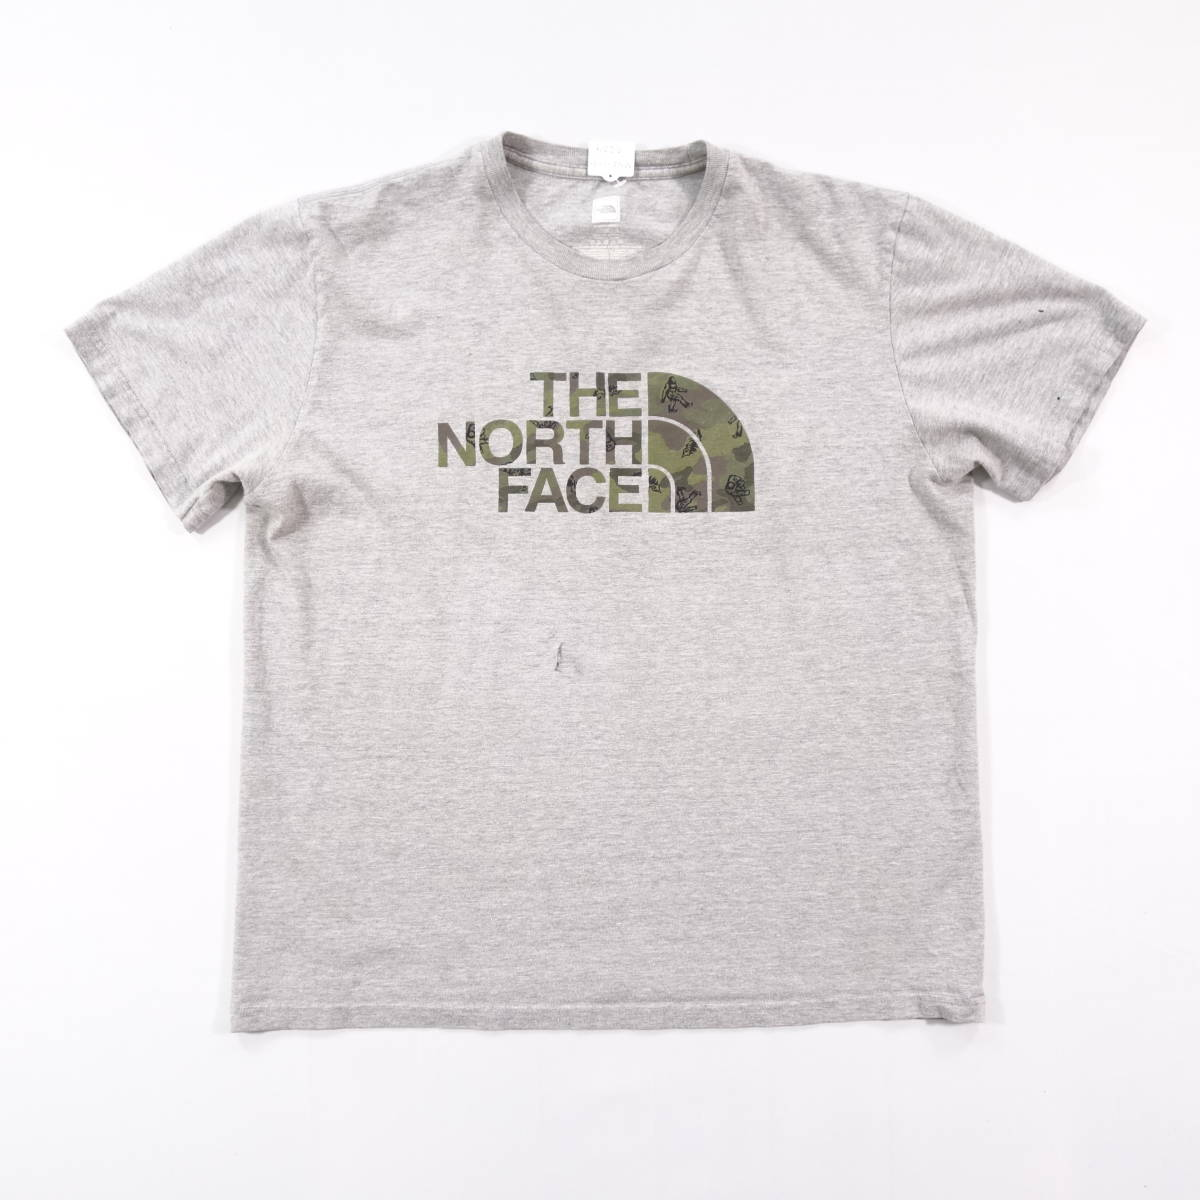 ノースフェイス Tシャツ 半袖 メンズ L 丸首 ハーフドーム プリントロゴ アウトドア トップス USA直輸入 古着 MNO-1-1-0209_画像2